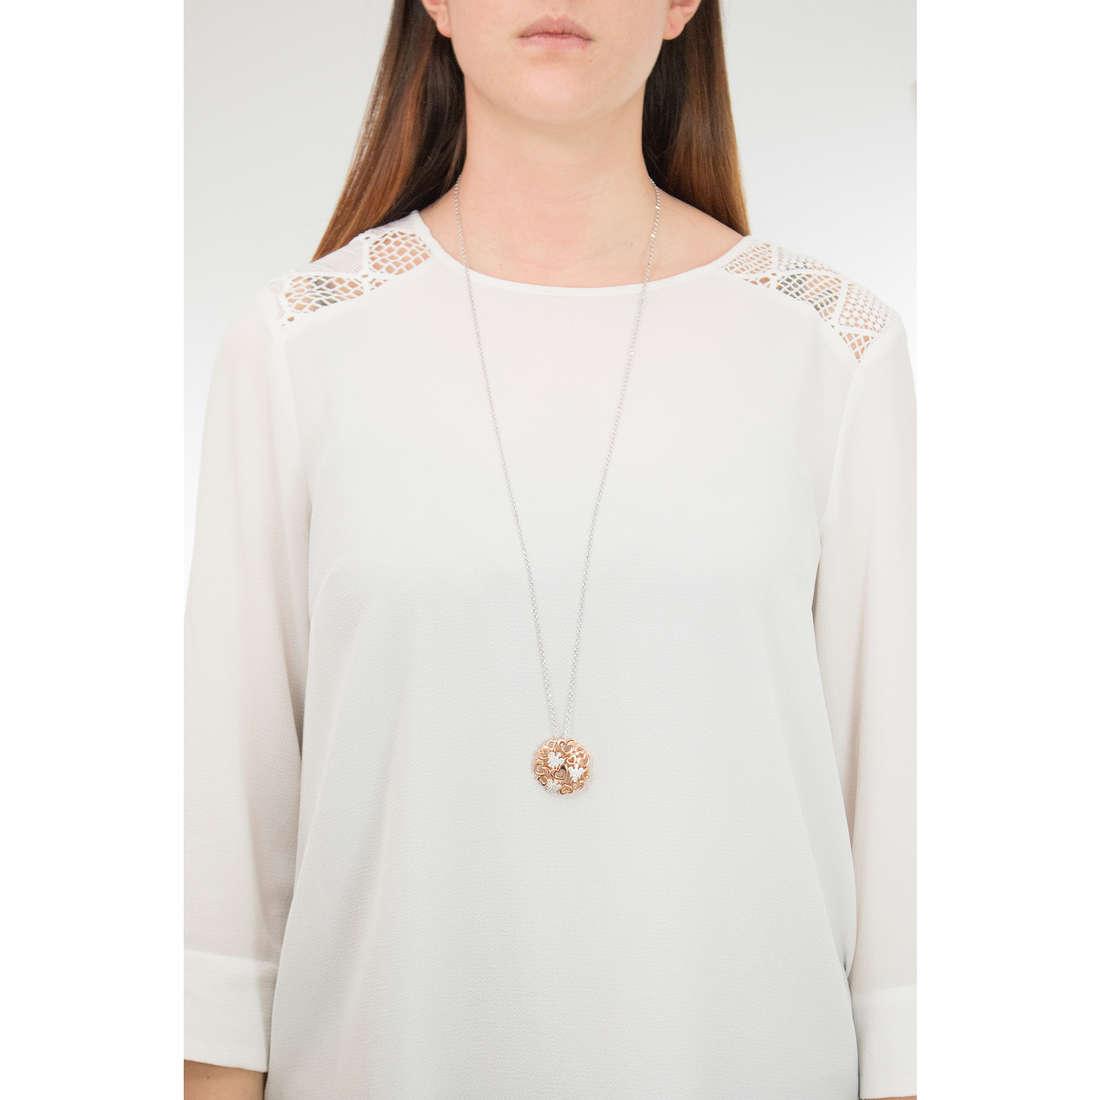 Giannotti necklaces Angeli woman GIANNOTTIGIA320 indosso